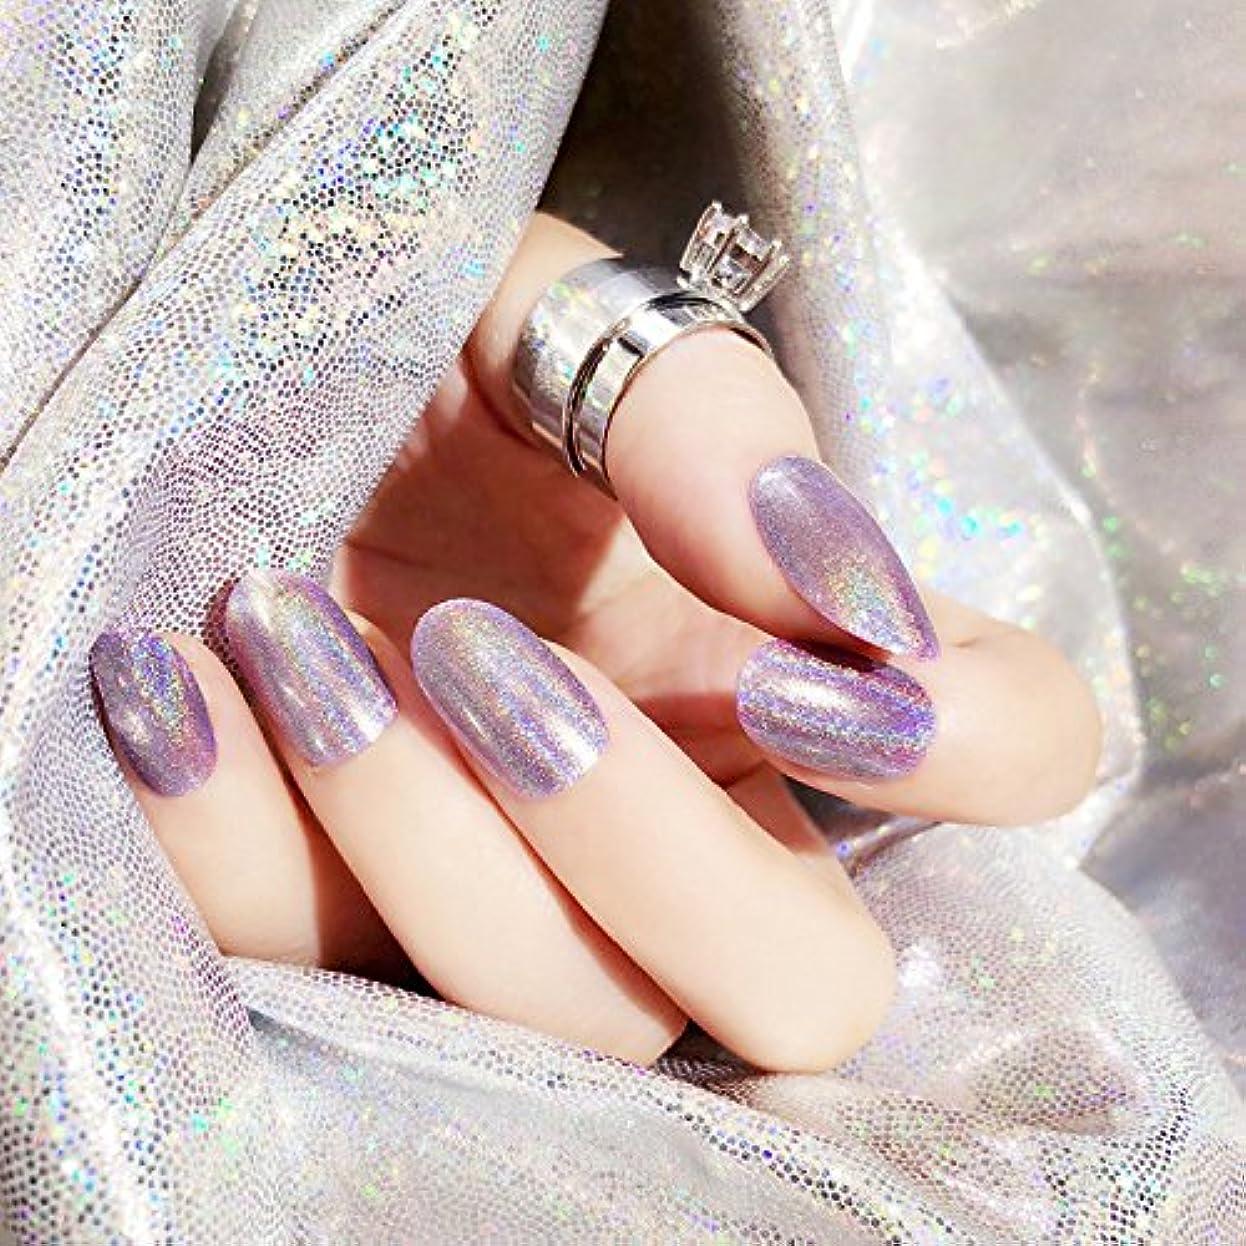 経過反乱銀行質感 彩がつく 24枚純色付け爪 ネイル貼るだけネイルチップ レーザー 多重光沢 お花嫁付け爪 ジェルネイルの光疗法 シンフォニー (バラの紫)